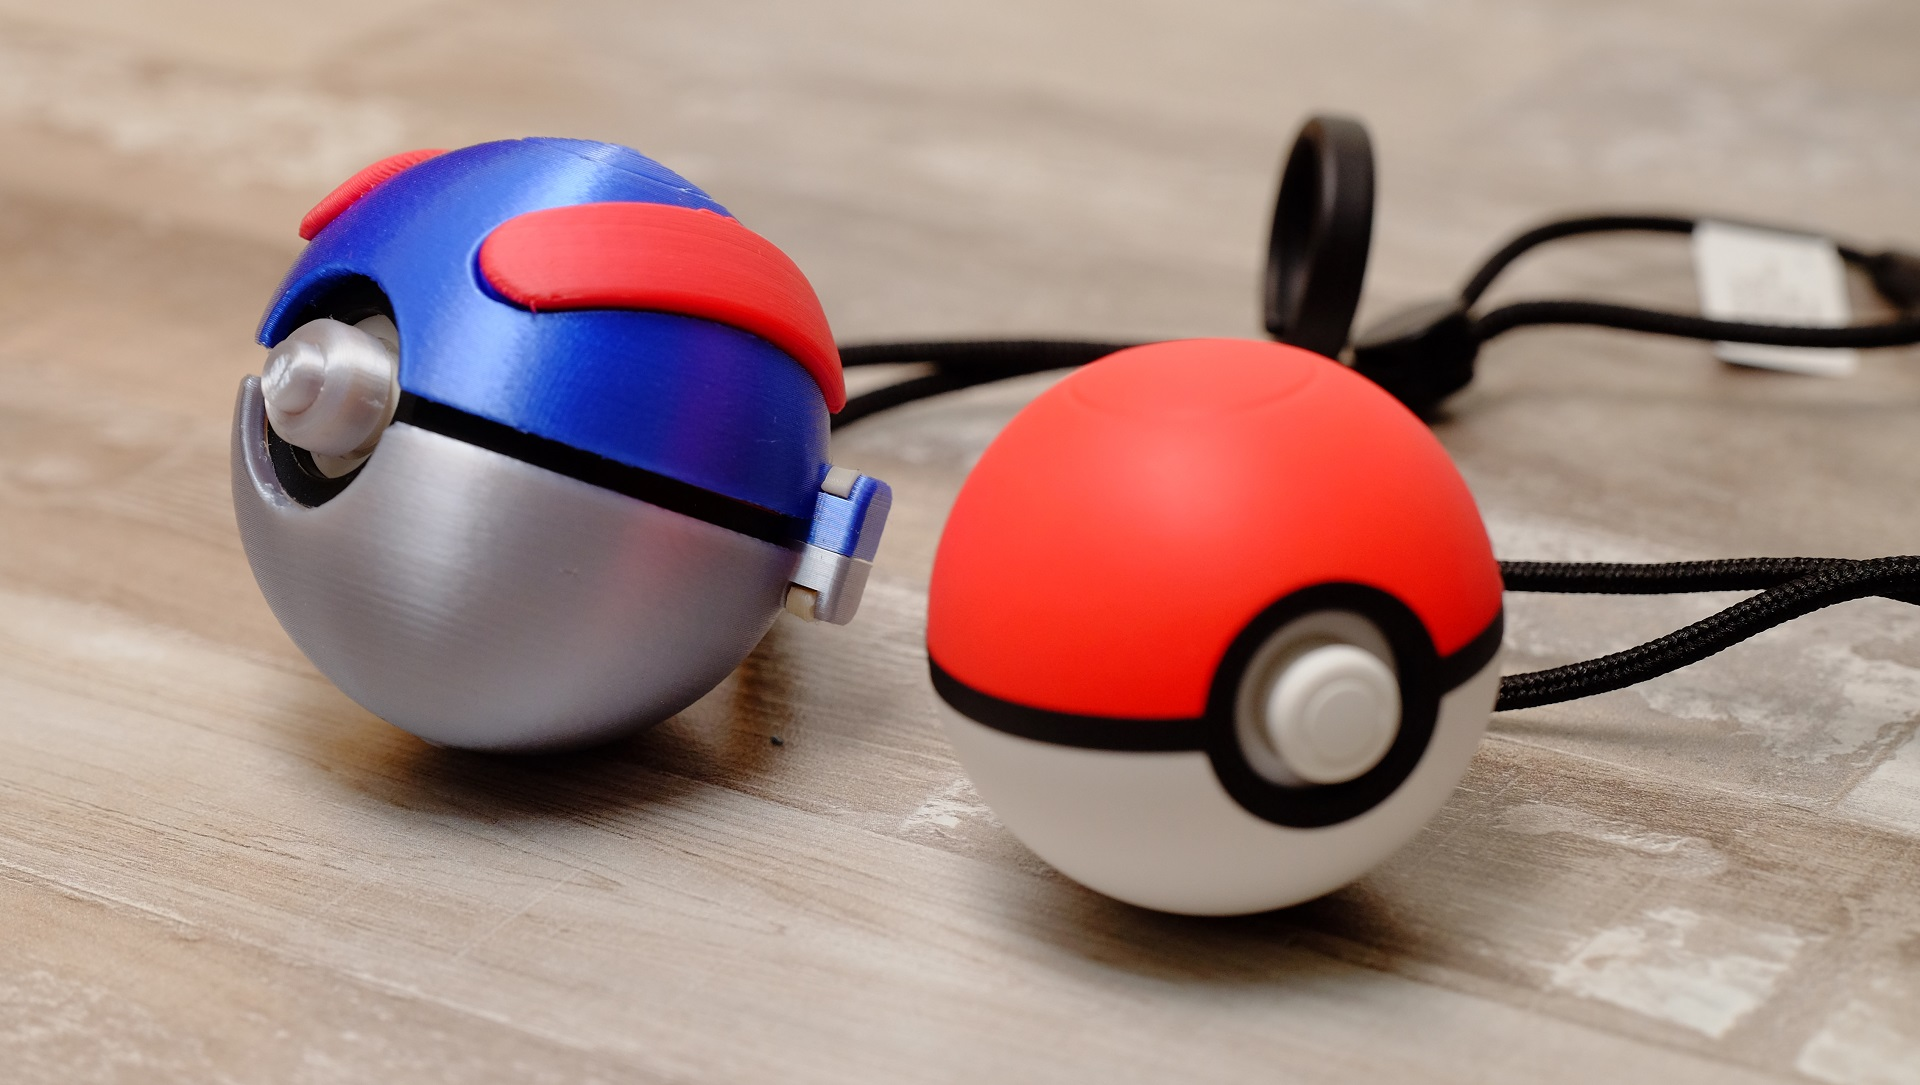 Tìm hiểu về Poké Ball Plus, phụ kiện hơn 1.500.000 VND của các trainer - Hình 2